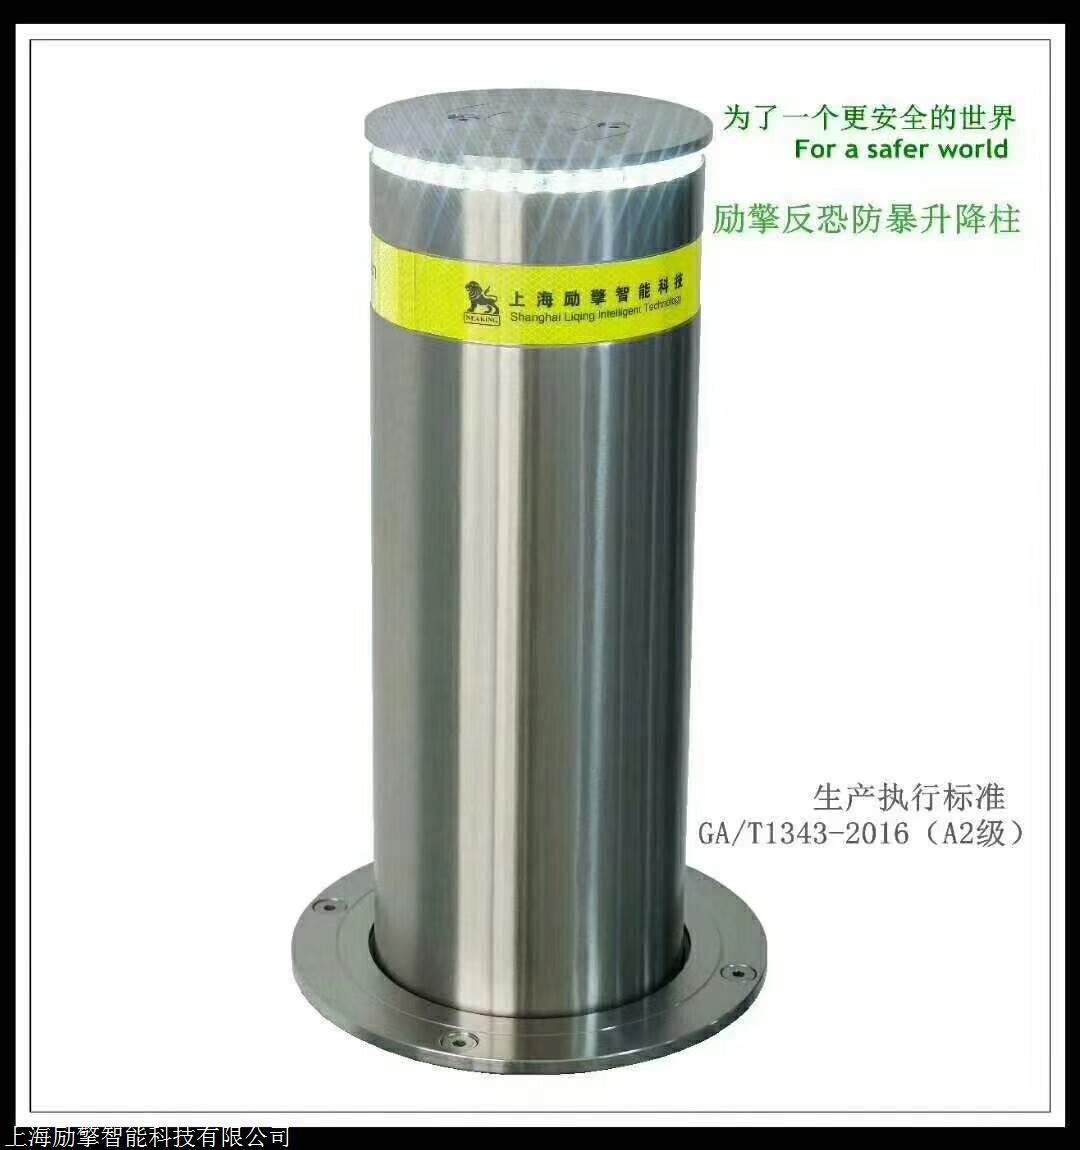 上海防撞柱,上海挡车器,全自动升降柱